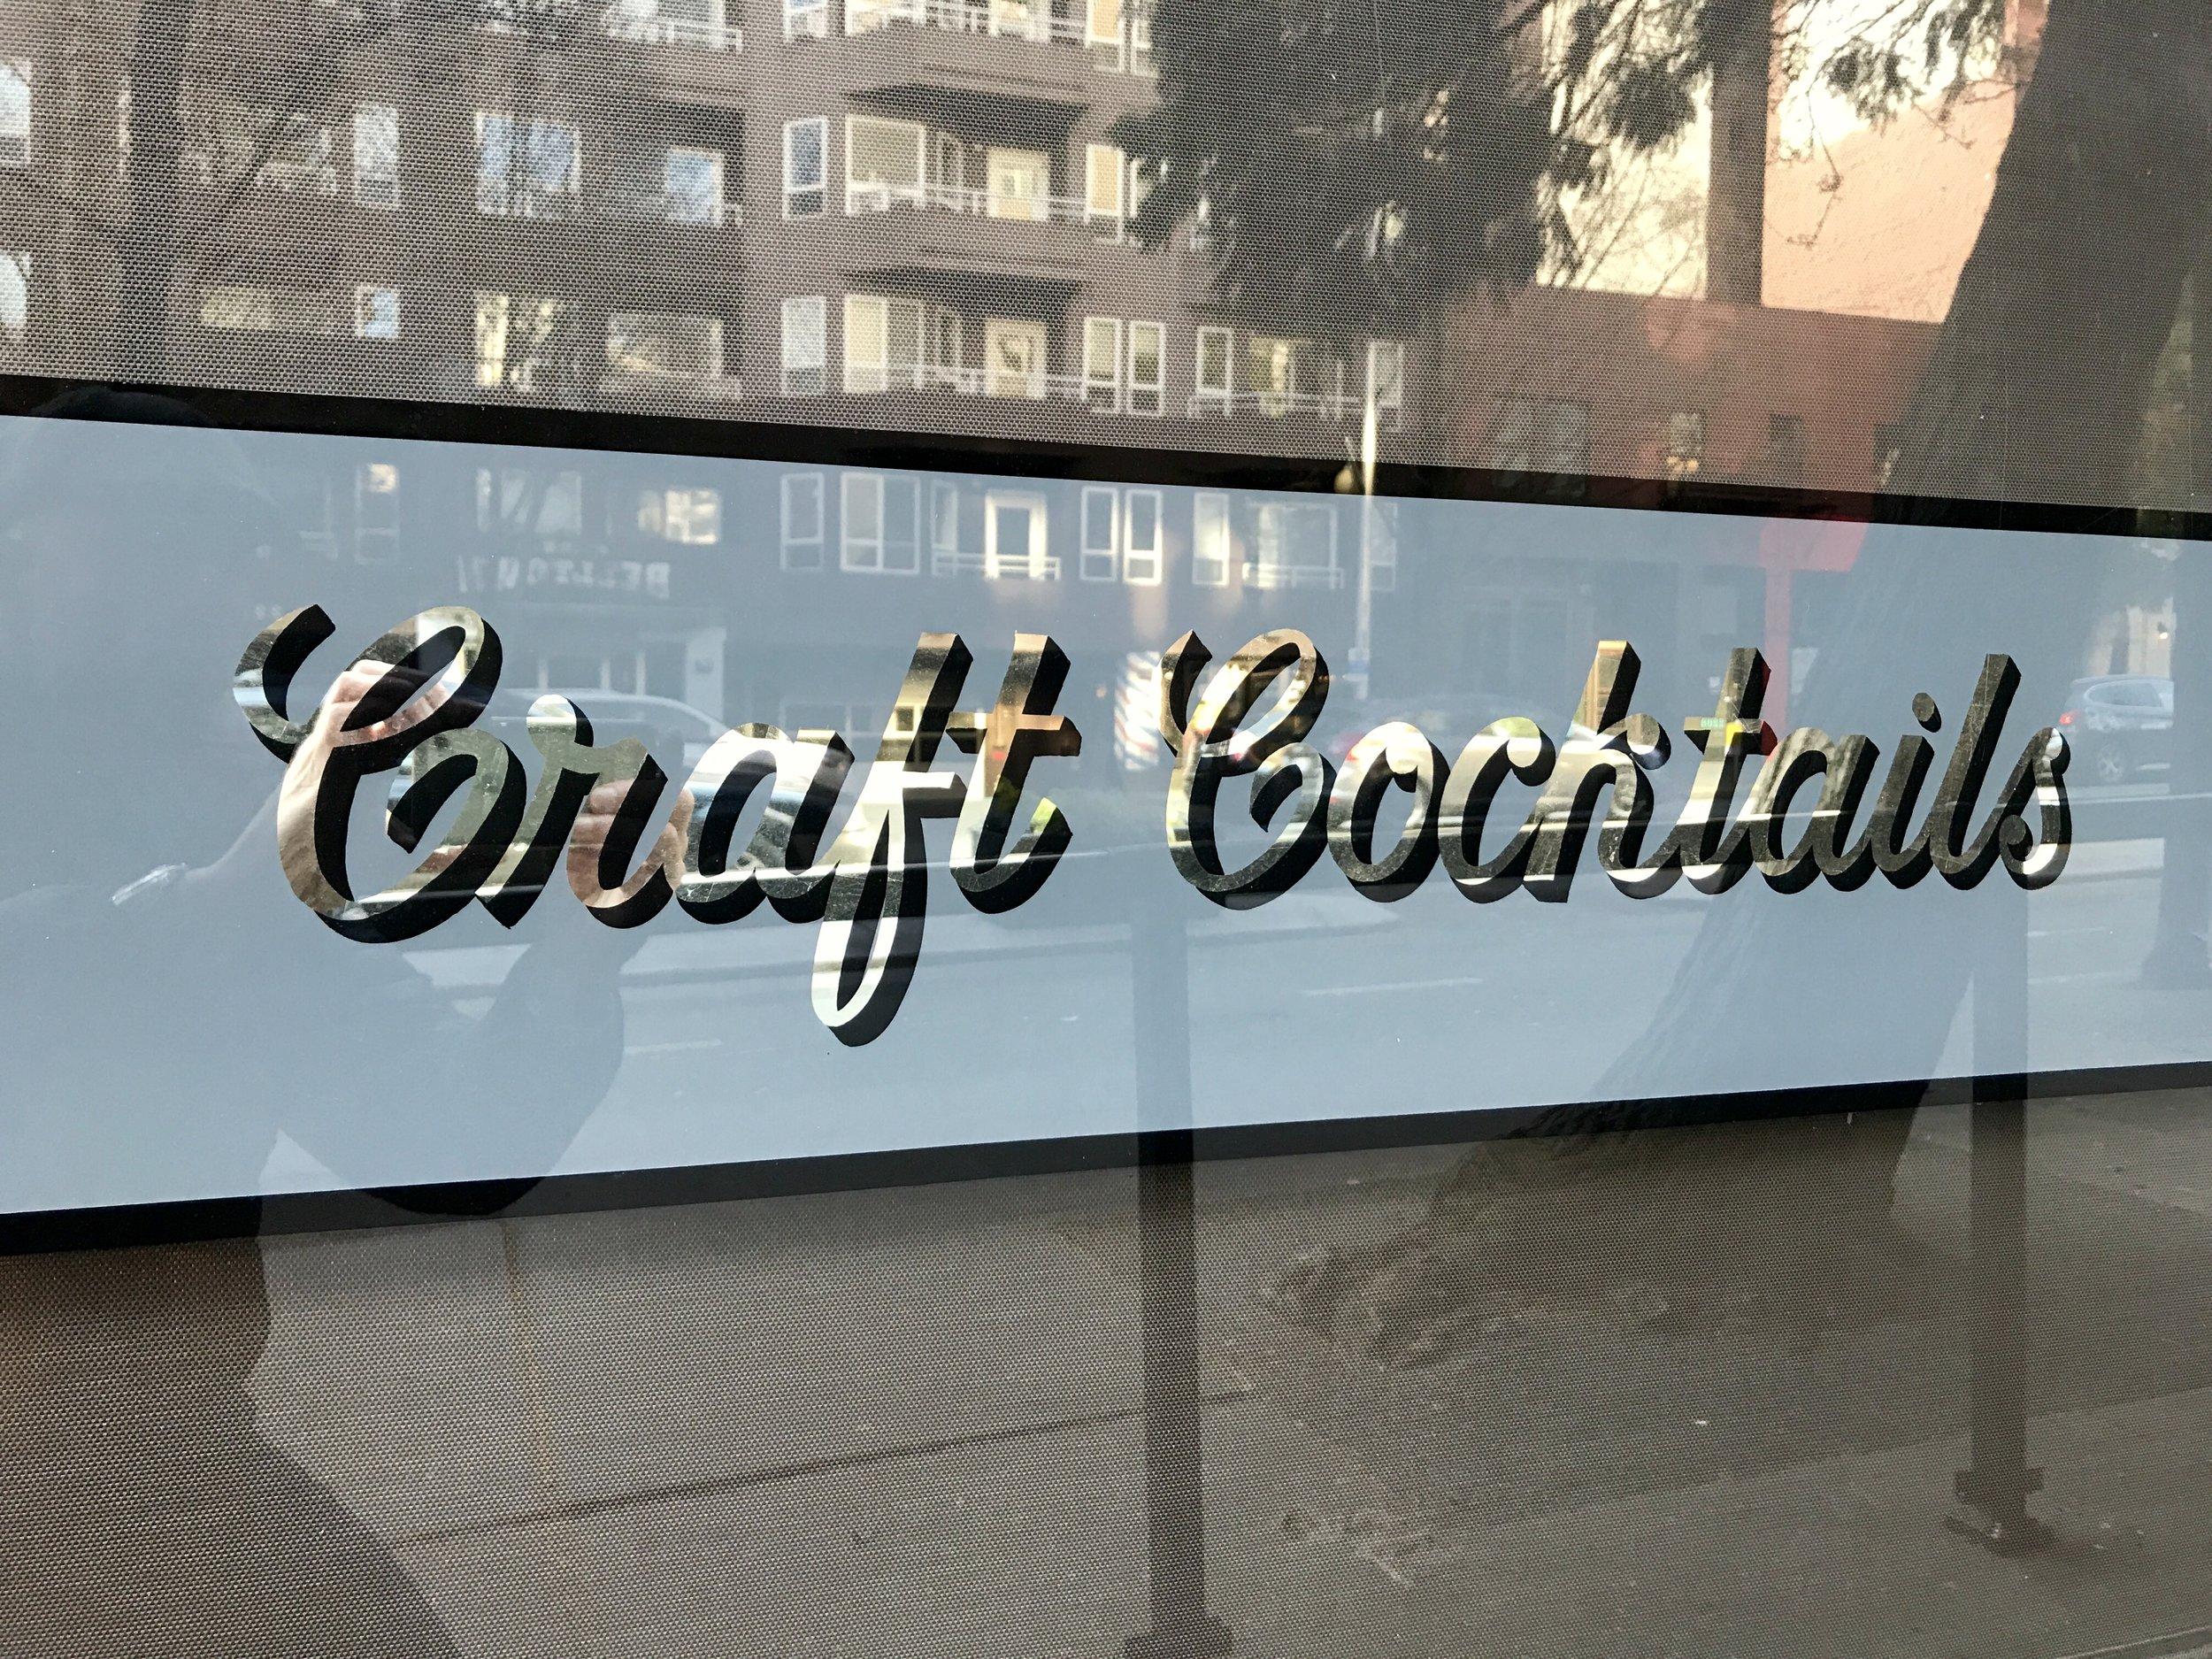 Belltown_Craft Cocktail sign.jpg